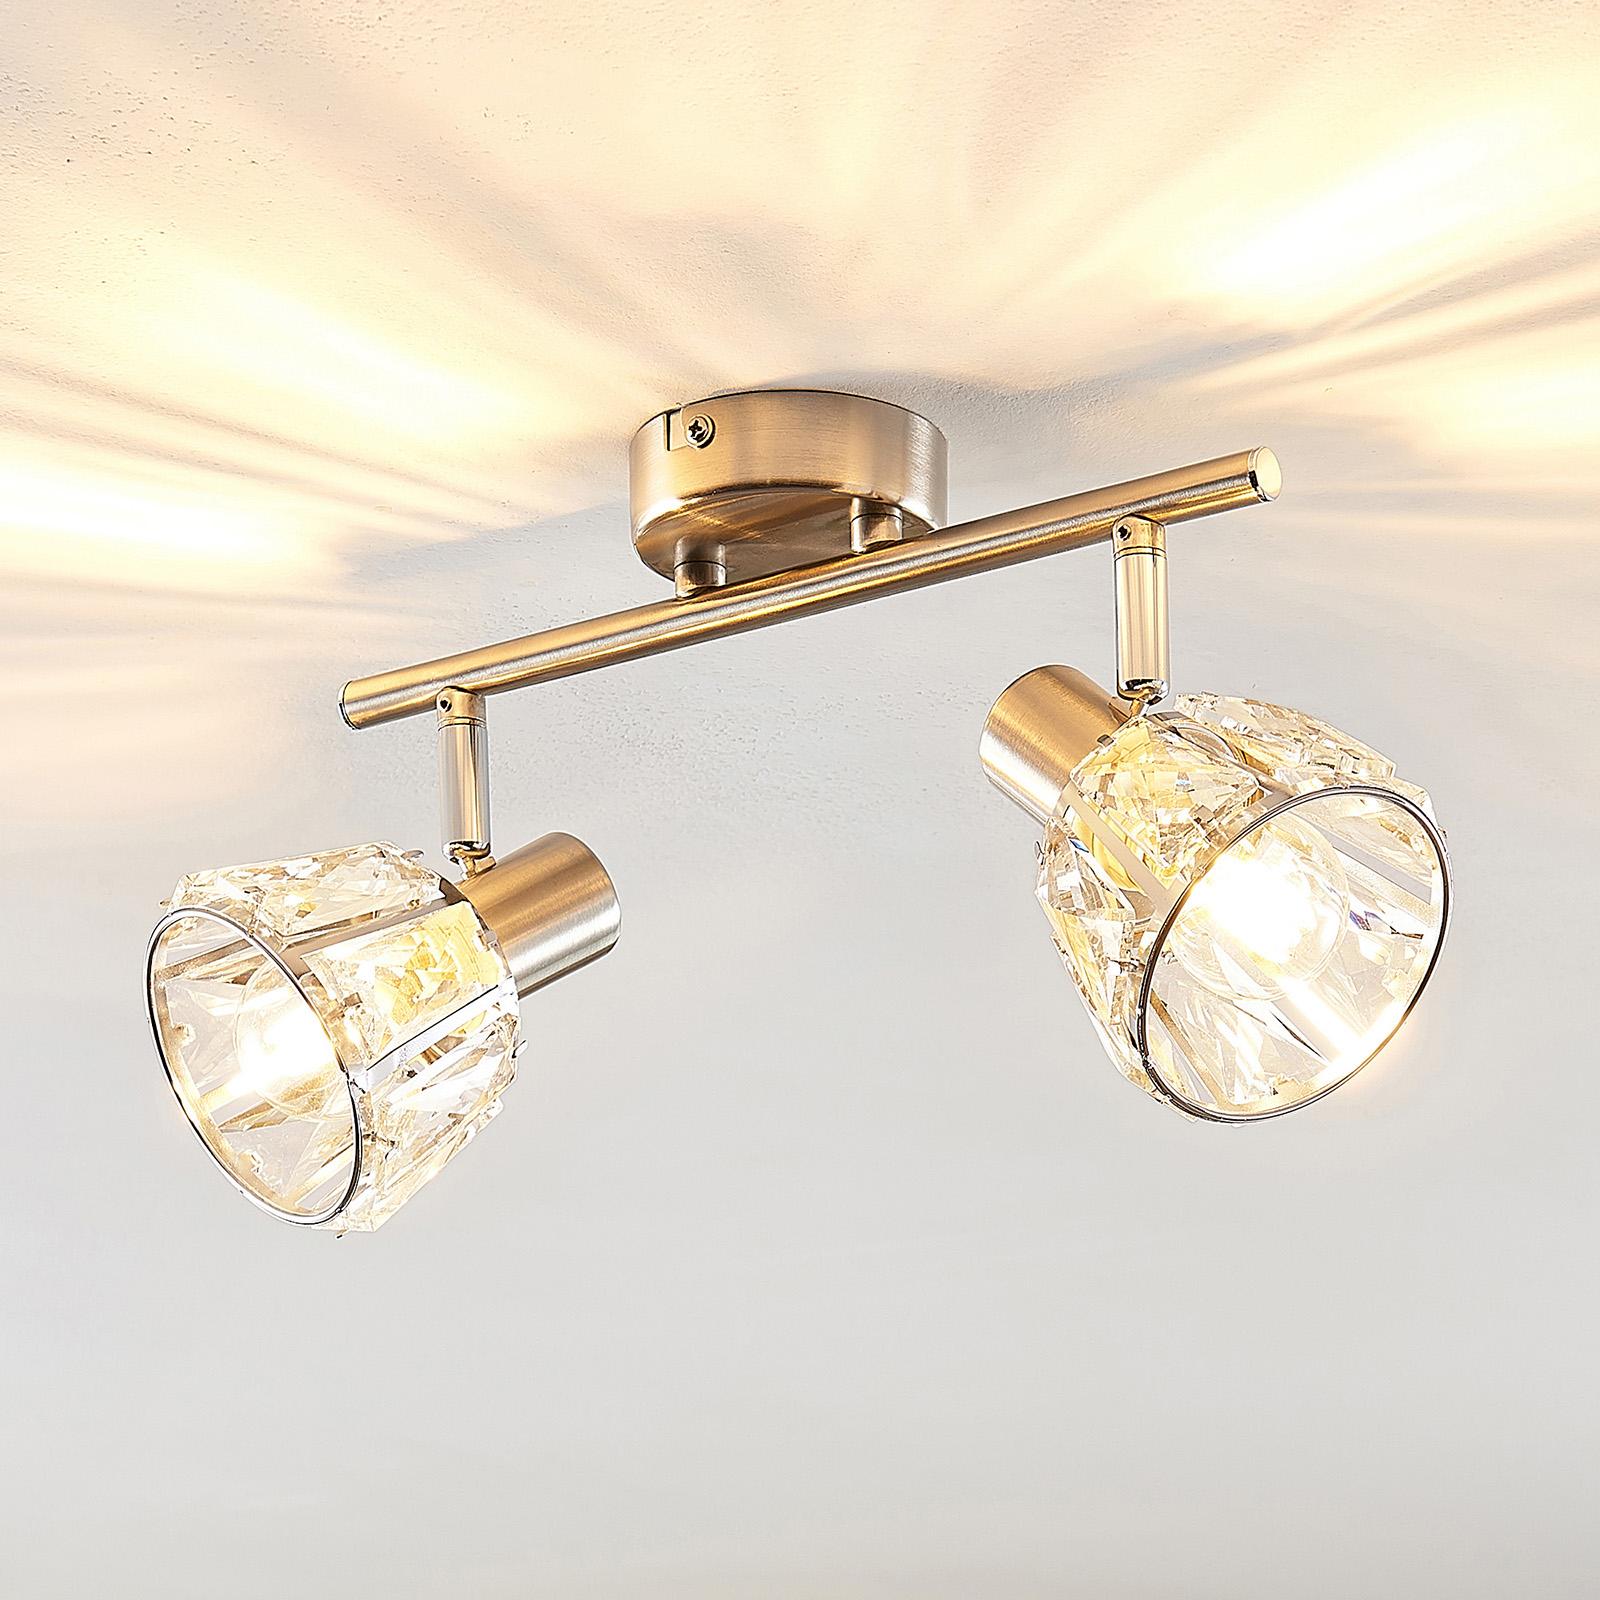 Lindby Kosta taklampe, 2 lyskilder, nikkel